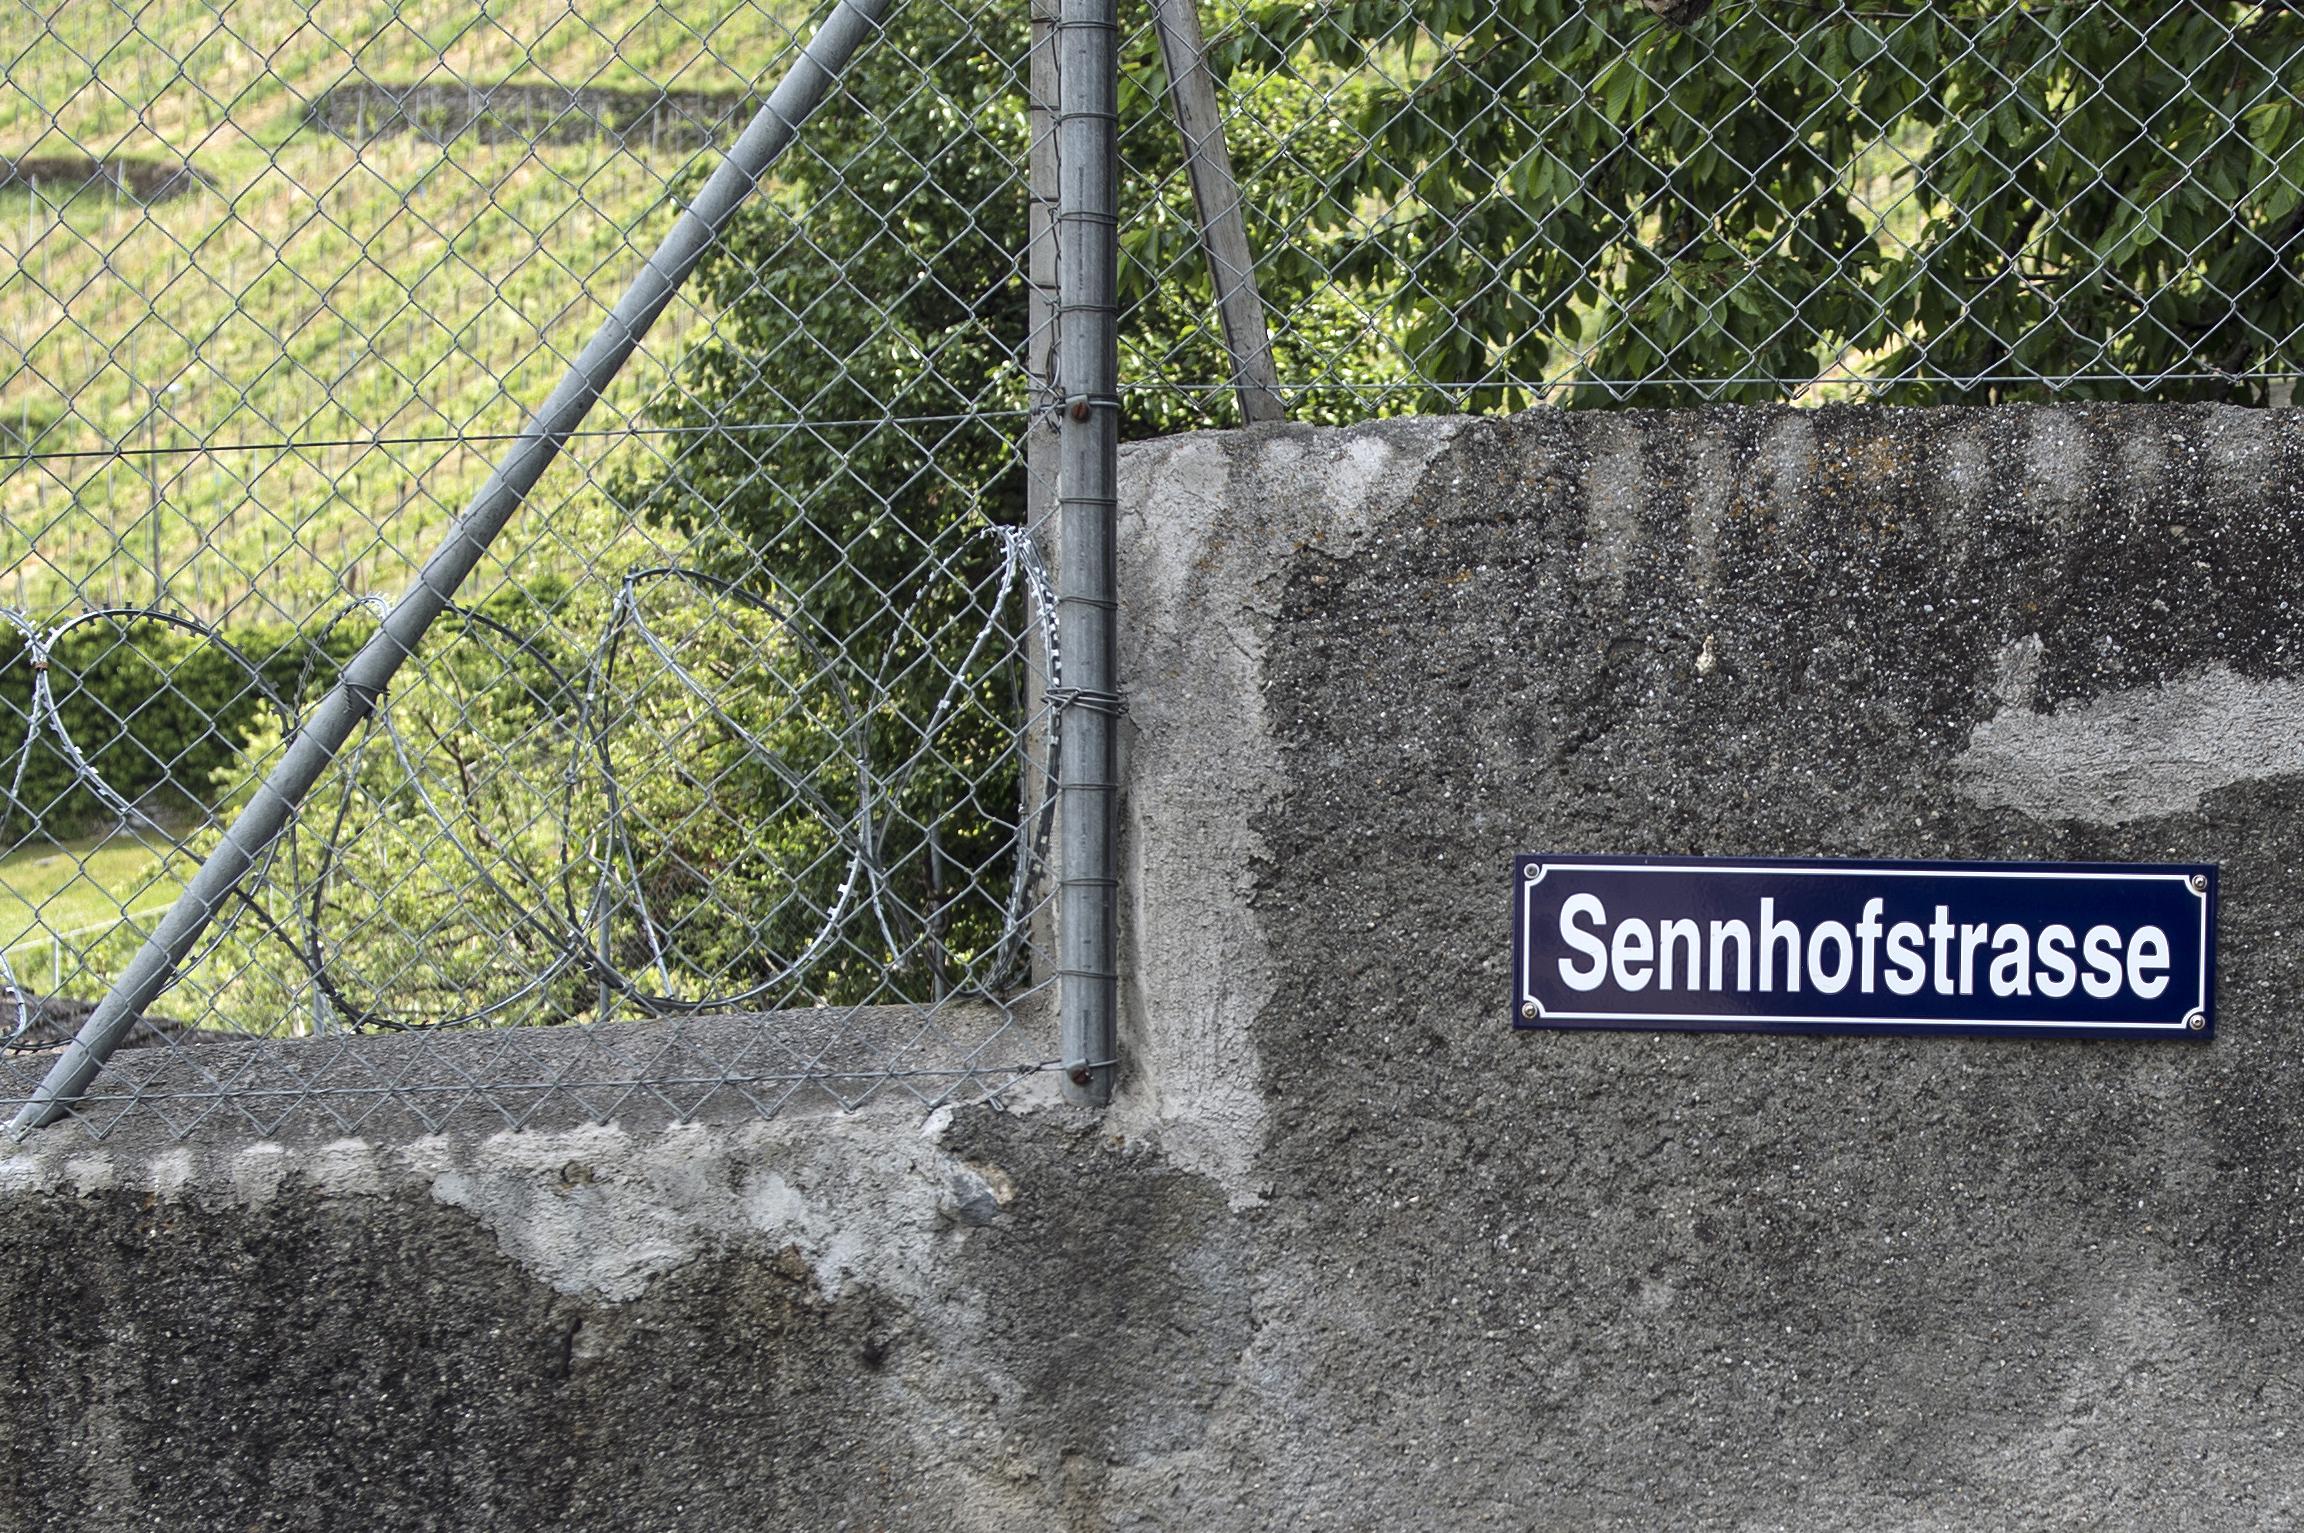 Von der Hofstrasse führt die Sennhofstrasse direkt zum Sennhof, dessen Geschichte als Strafanstalt vor 200 Jahren begann.